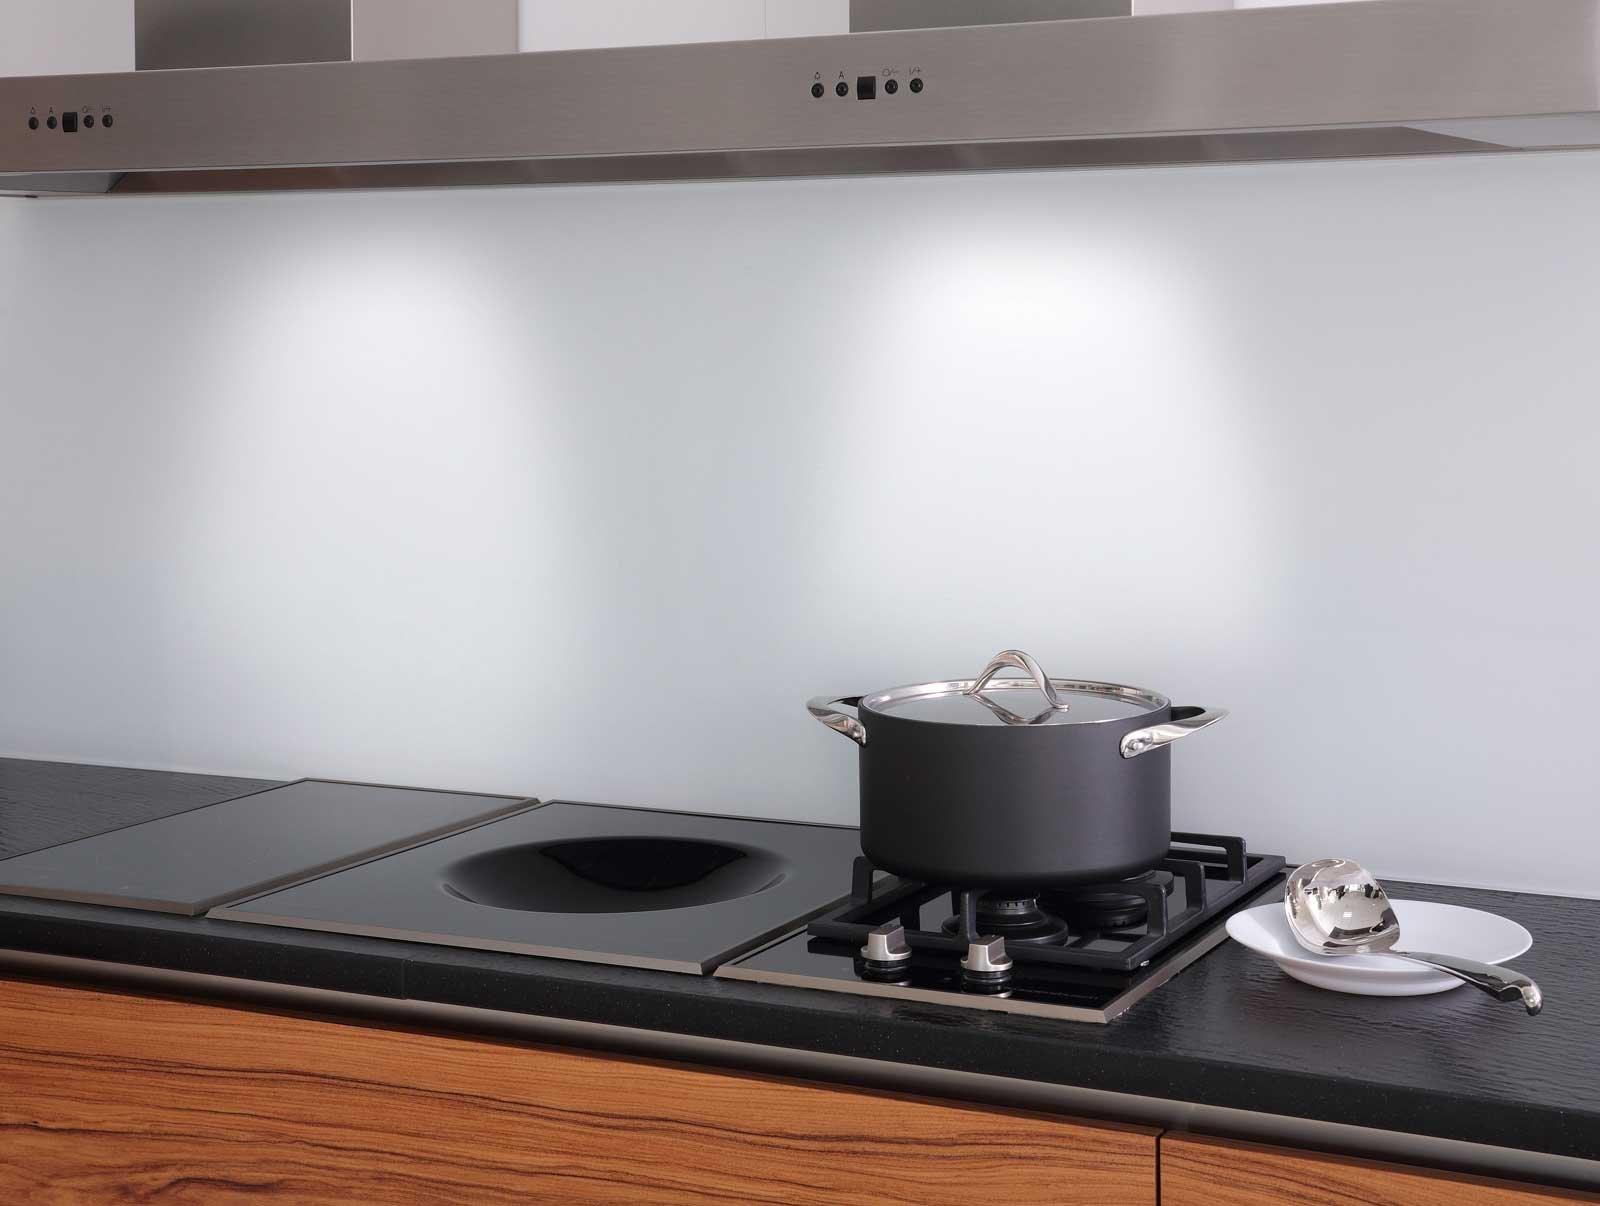 Piano di lavoro in cucina: materiali e caratteristiche - Cose di Casa